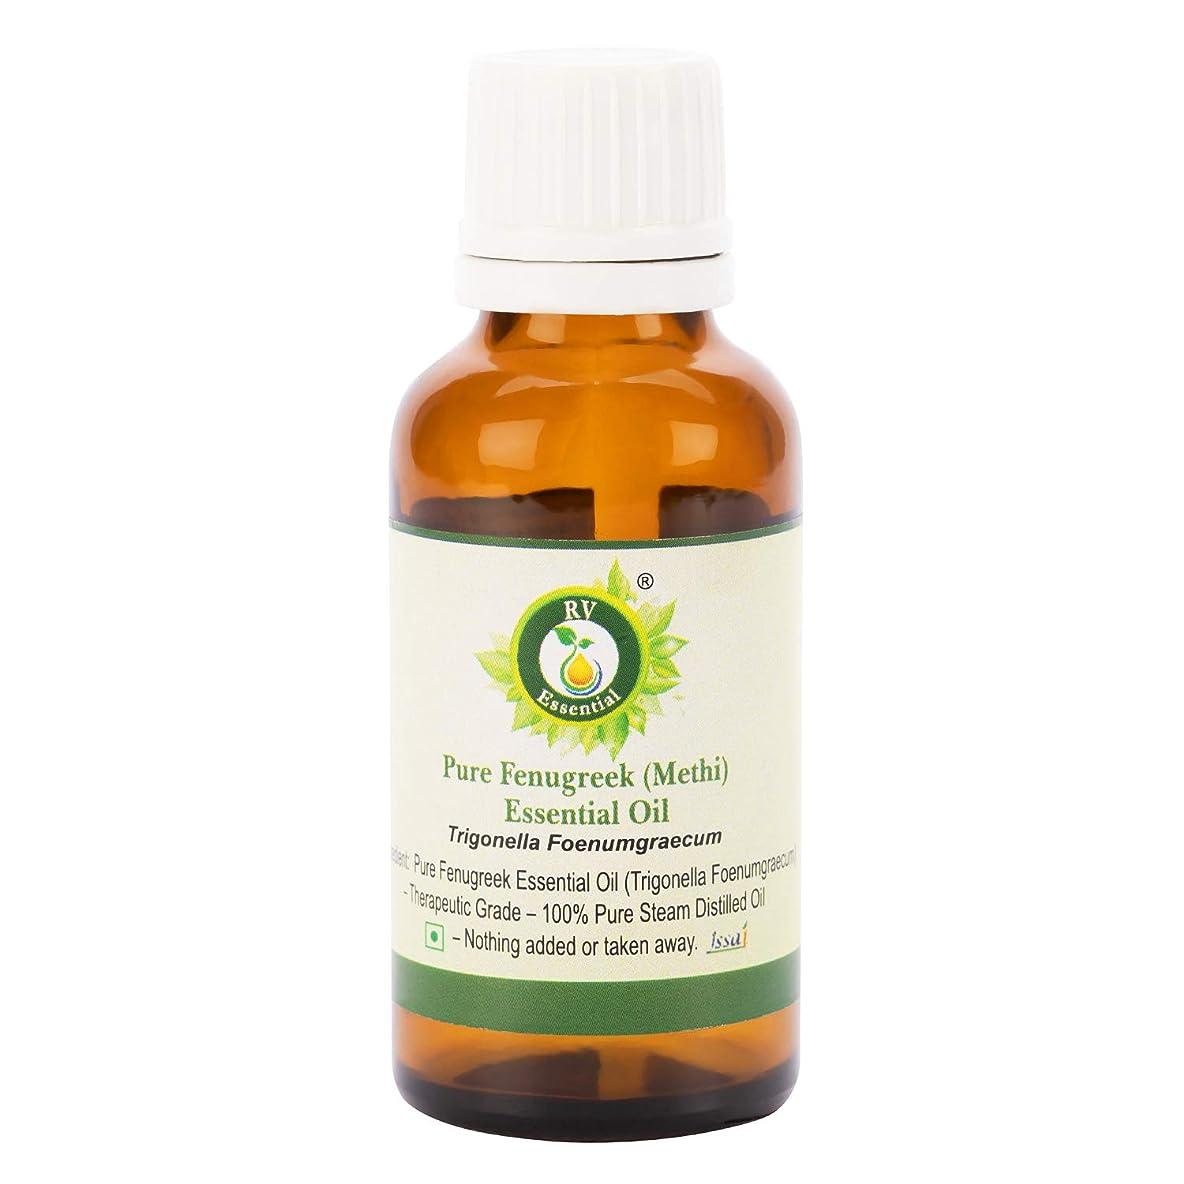 十一無声でプロフェッショナルピュアフェヌグリーク(Methi)エッセンシャルオイル300ml (10oz)- Trigonella Foenumgraecum (100%純粋&天然スチームDistilled) Pure Fenugreek (Methi) Essential Oil